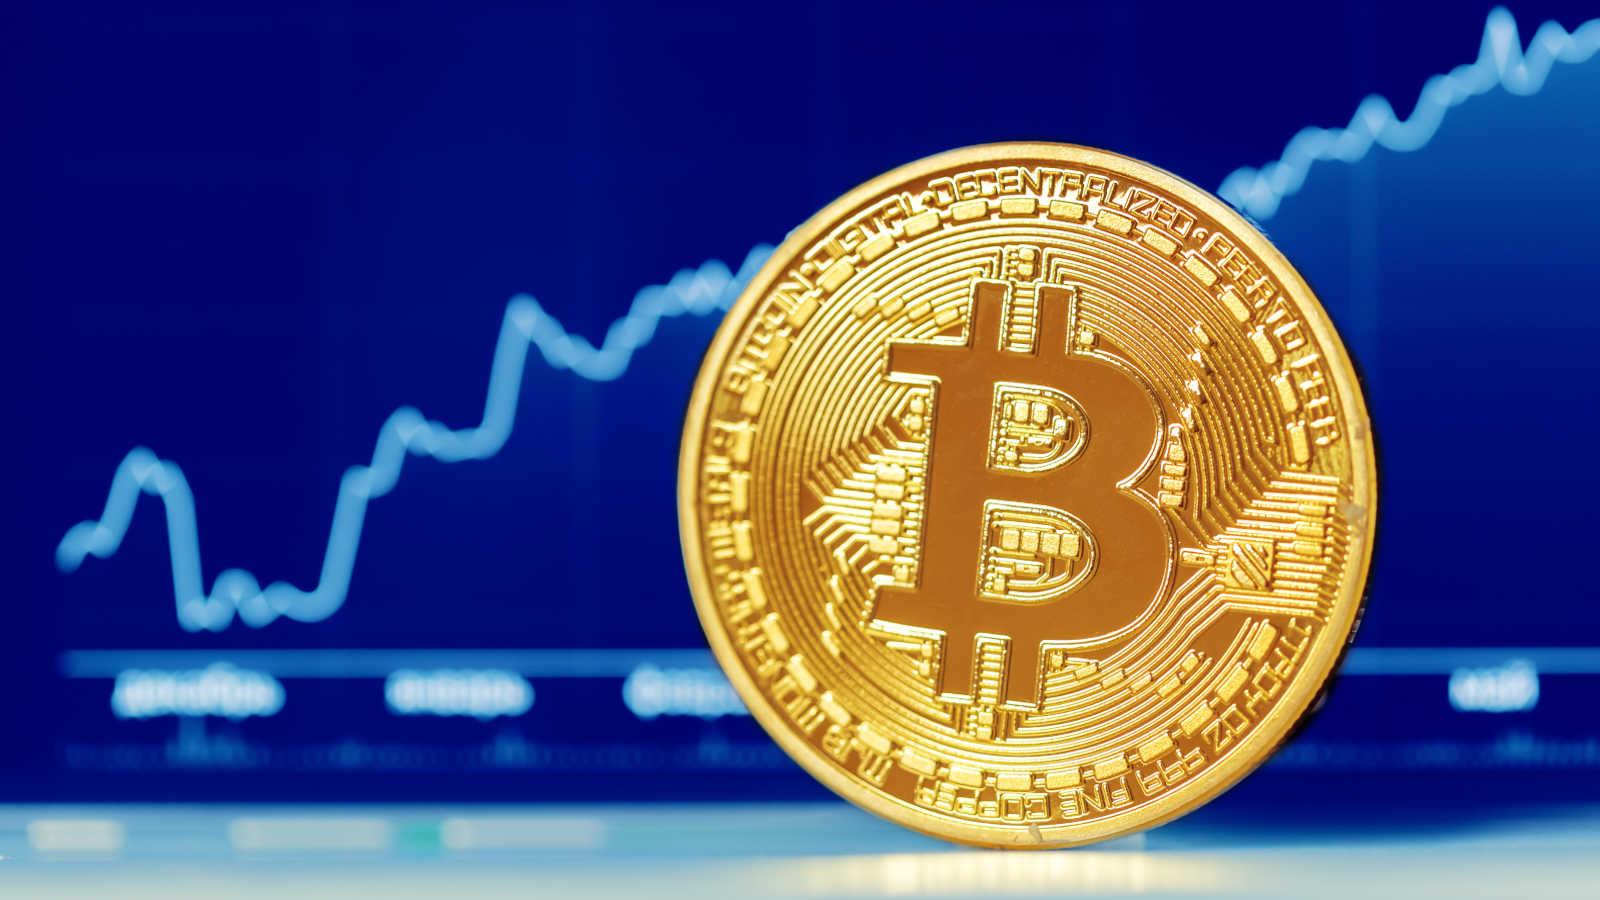 bitcoinde düşüş sinyalleri var